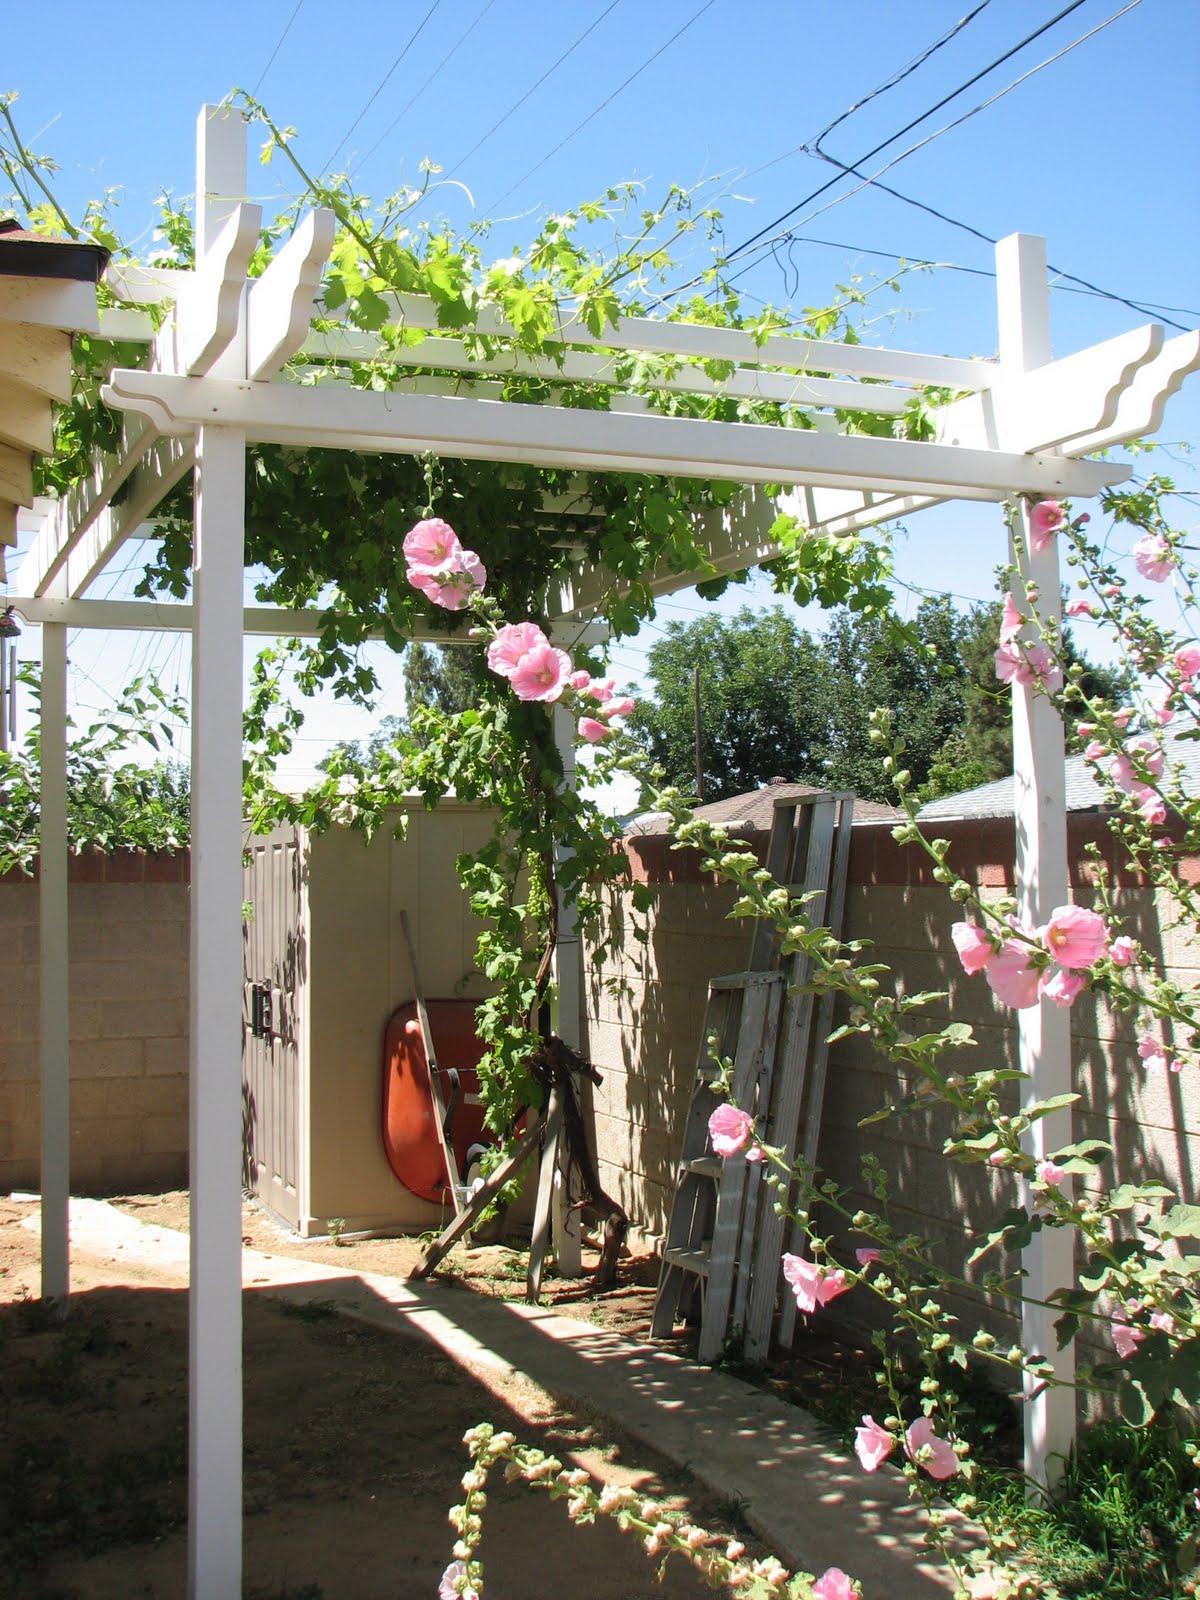 Morning Glory Cottage Backyard Update